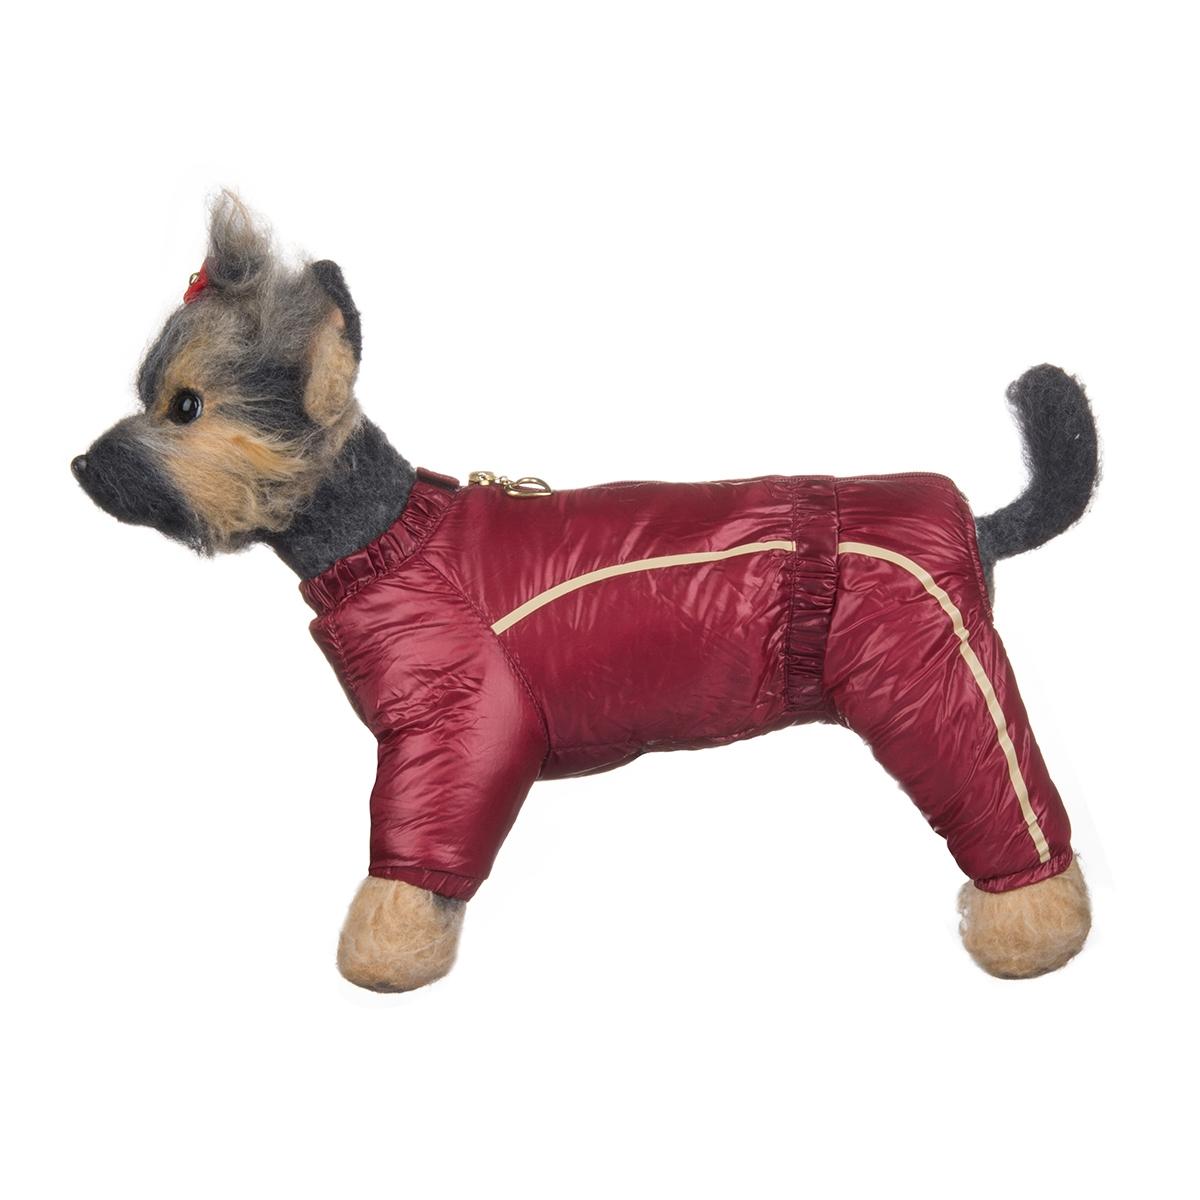 Комбинезон для собак Dogmoda Альпы, зимний, для девочки, цвет: бордовый, серый. Размер 1 (S)DM-150349-1Зимний комбинезон для собак Dogmoda Альпы отлично подойдет для прогулок в зимнее время года.Комбинезон изготовлен из полиэстера, защищающего от ветра и снега, с утеплителем из синтепона, который сохранит тепло даже в сильные морозы, а на подкладке используется искусственный мех, который обеспечивает отличный воздухообмен. Комбинезон застегивается на молнию и липучку, благодаря чему его легко надевать и снимать. Ворот, низ рукавов и брючин оснащены внутренними резинками, которые мягко обхватывают шею и лапки, не позволяя просачиваться холодному воздуху. На пояснице имеется внутренняя резинка. Изделие декорировано бежевыми полосками и надписью DM.Благодаря такому комбинезону простуда не грозит вашему питомцу и он сможет испытать не сравнимое удовольствие от снежных игр и забав.